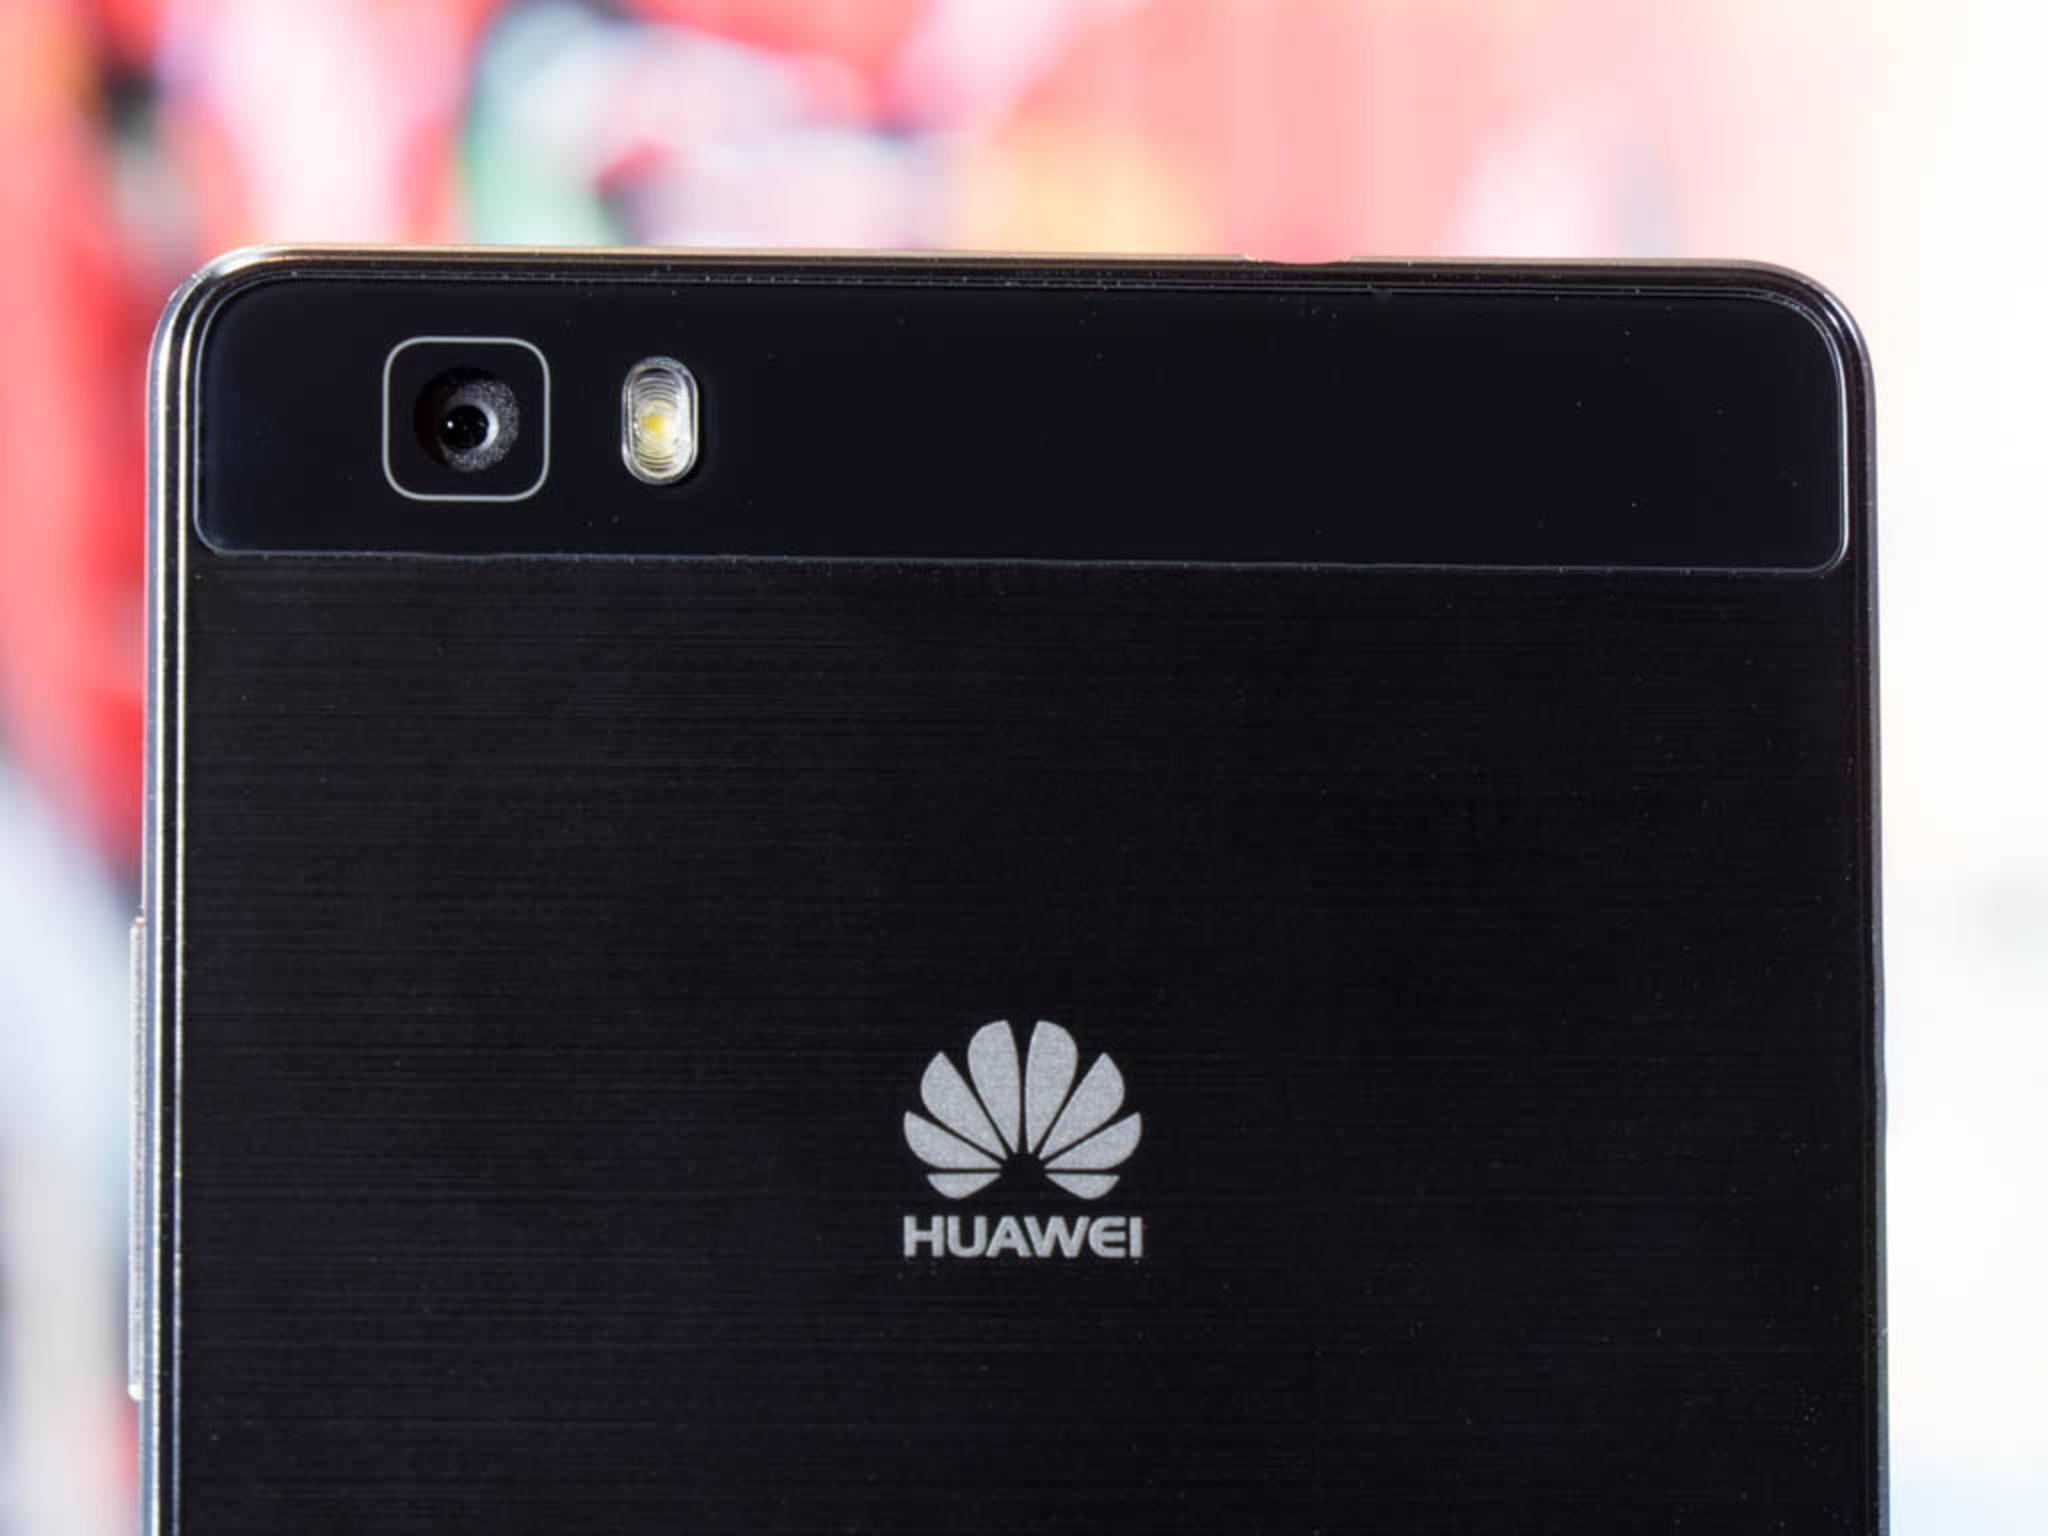 Das Huawei P9 mit Dual-Kamera zeigt sich bereits in einem Leak.